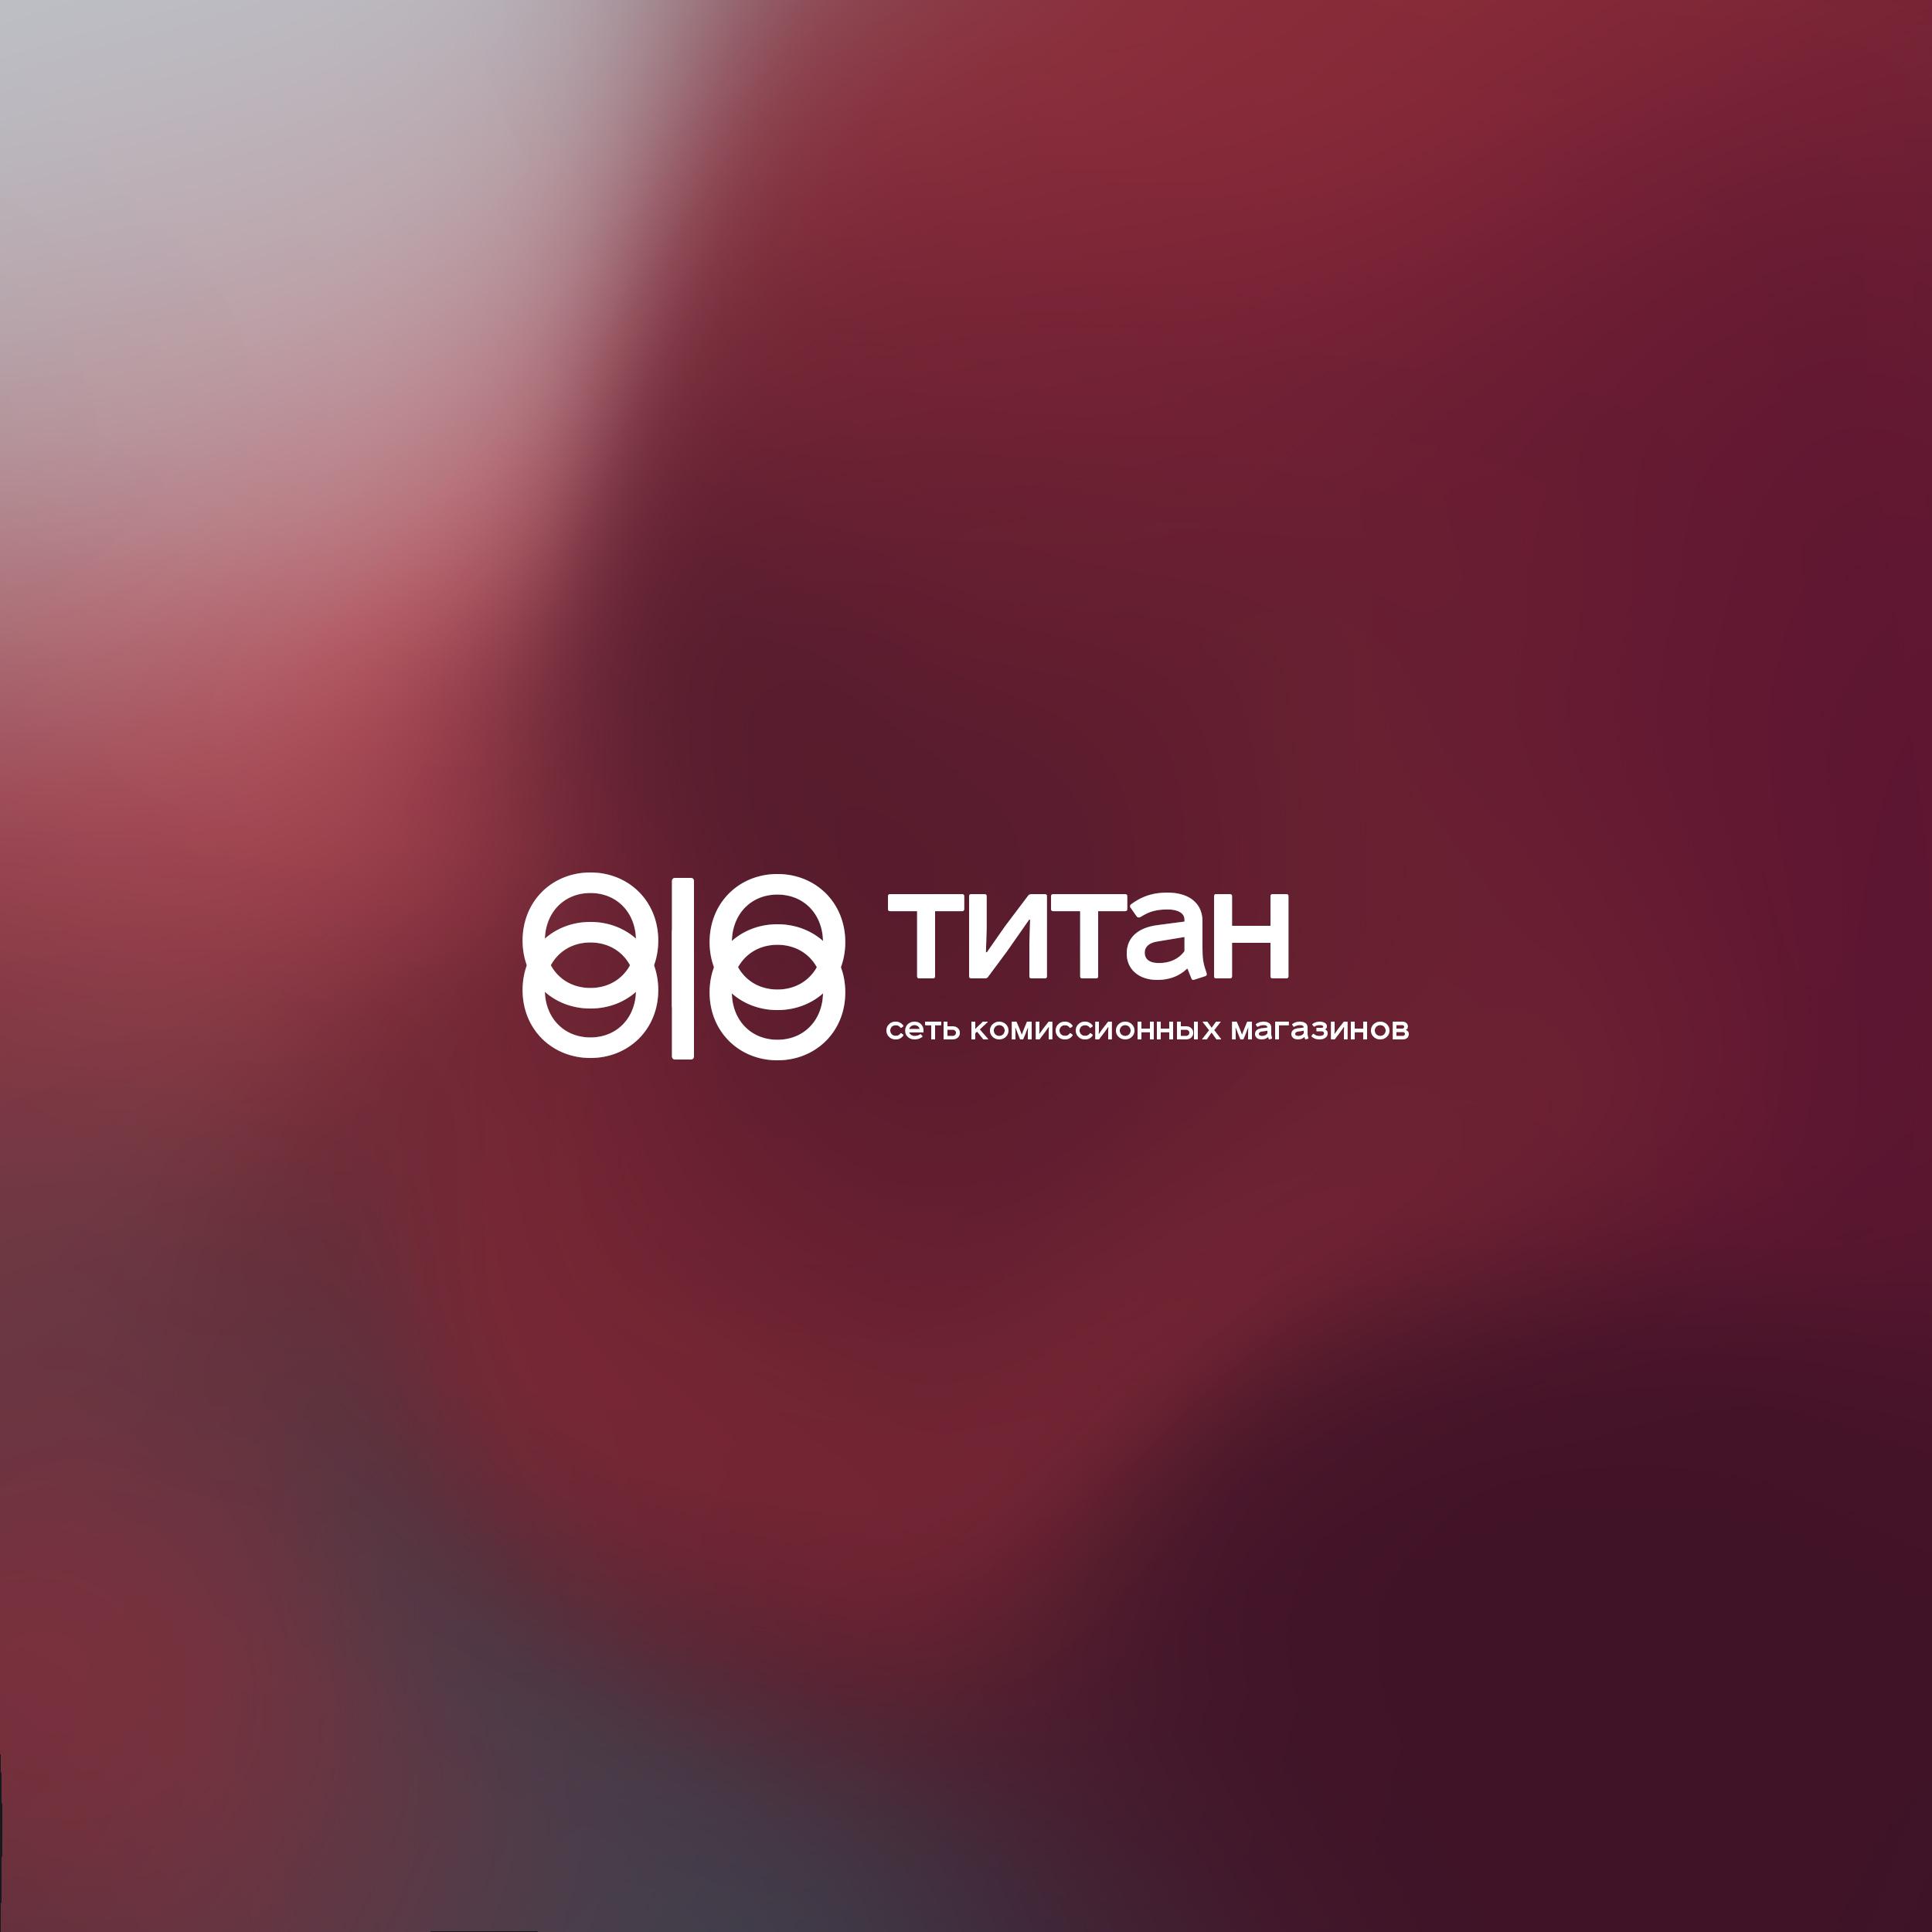 Разработка логотипа (срочно) фото f_4405d49cd6ad65f2.jpg